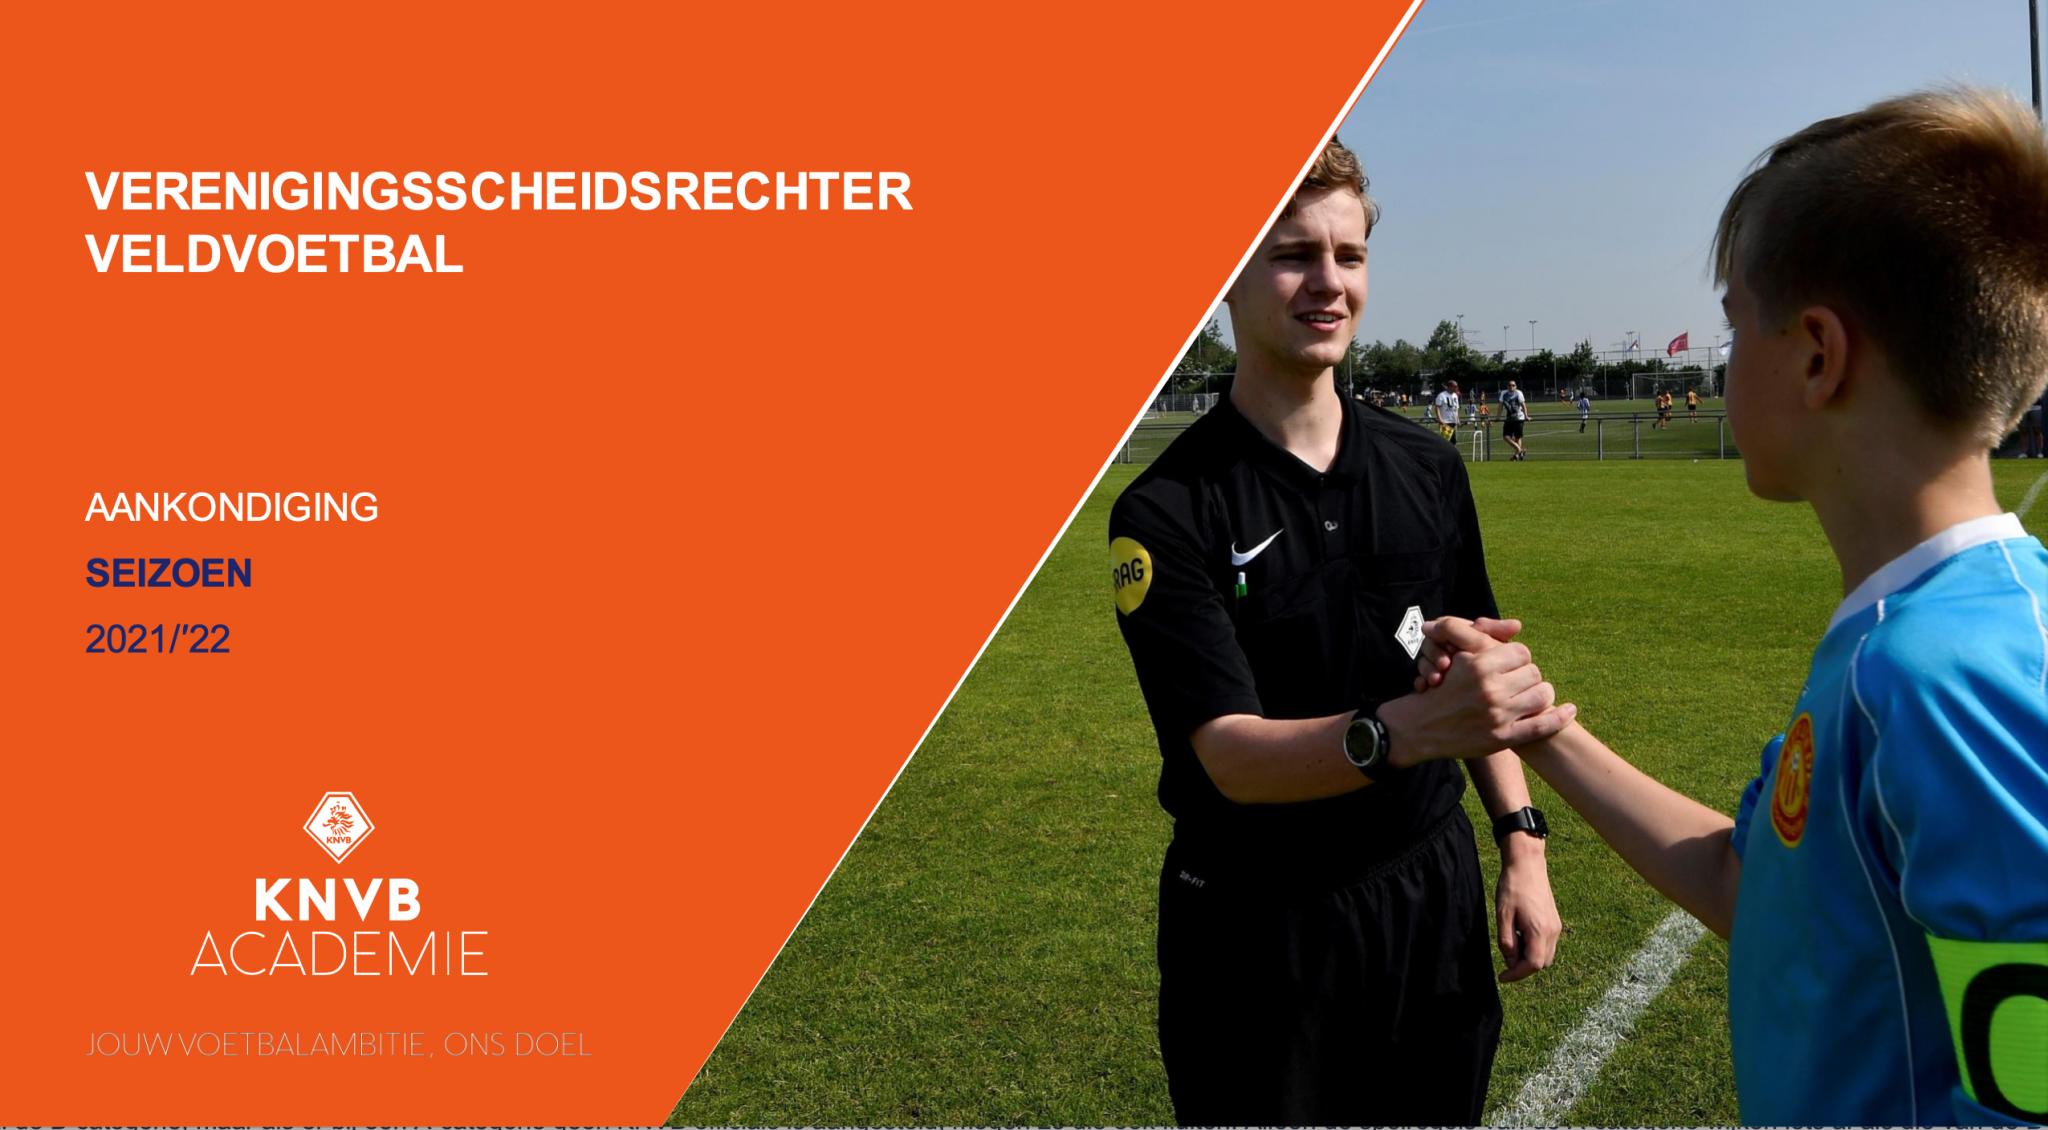 Meld je aan voor de interne KNVB cursus Verenigingscheidsrechter bij Zinkwegse Boys